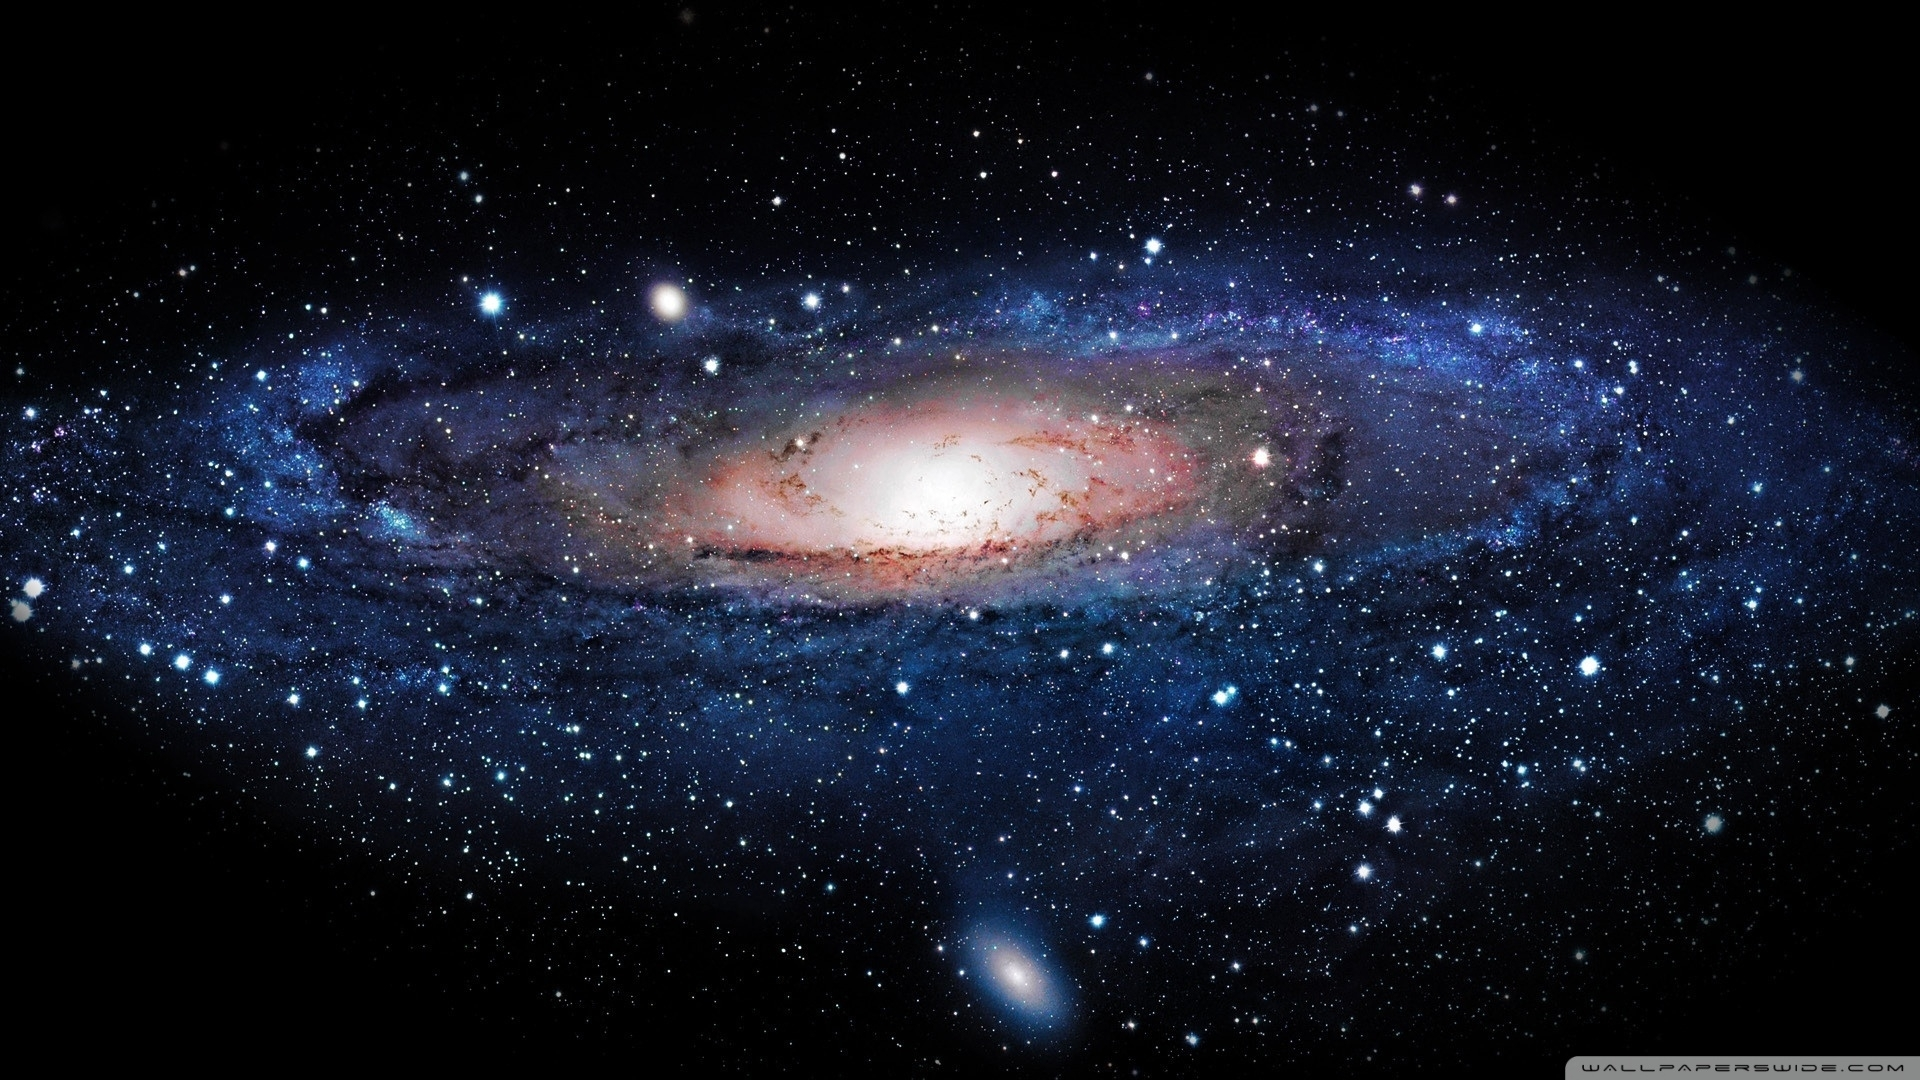 galaxy ❤ 4k hd desktop wallpaper for 4k ultra hd tv • wide & ultra